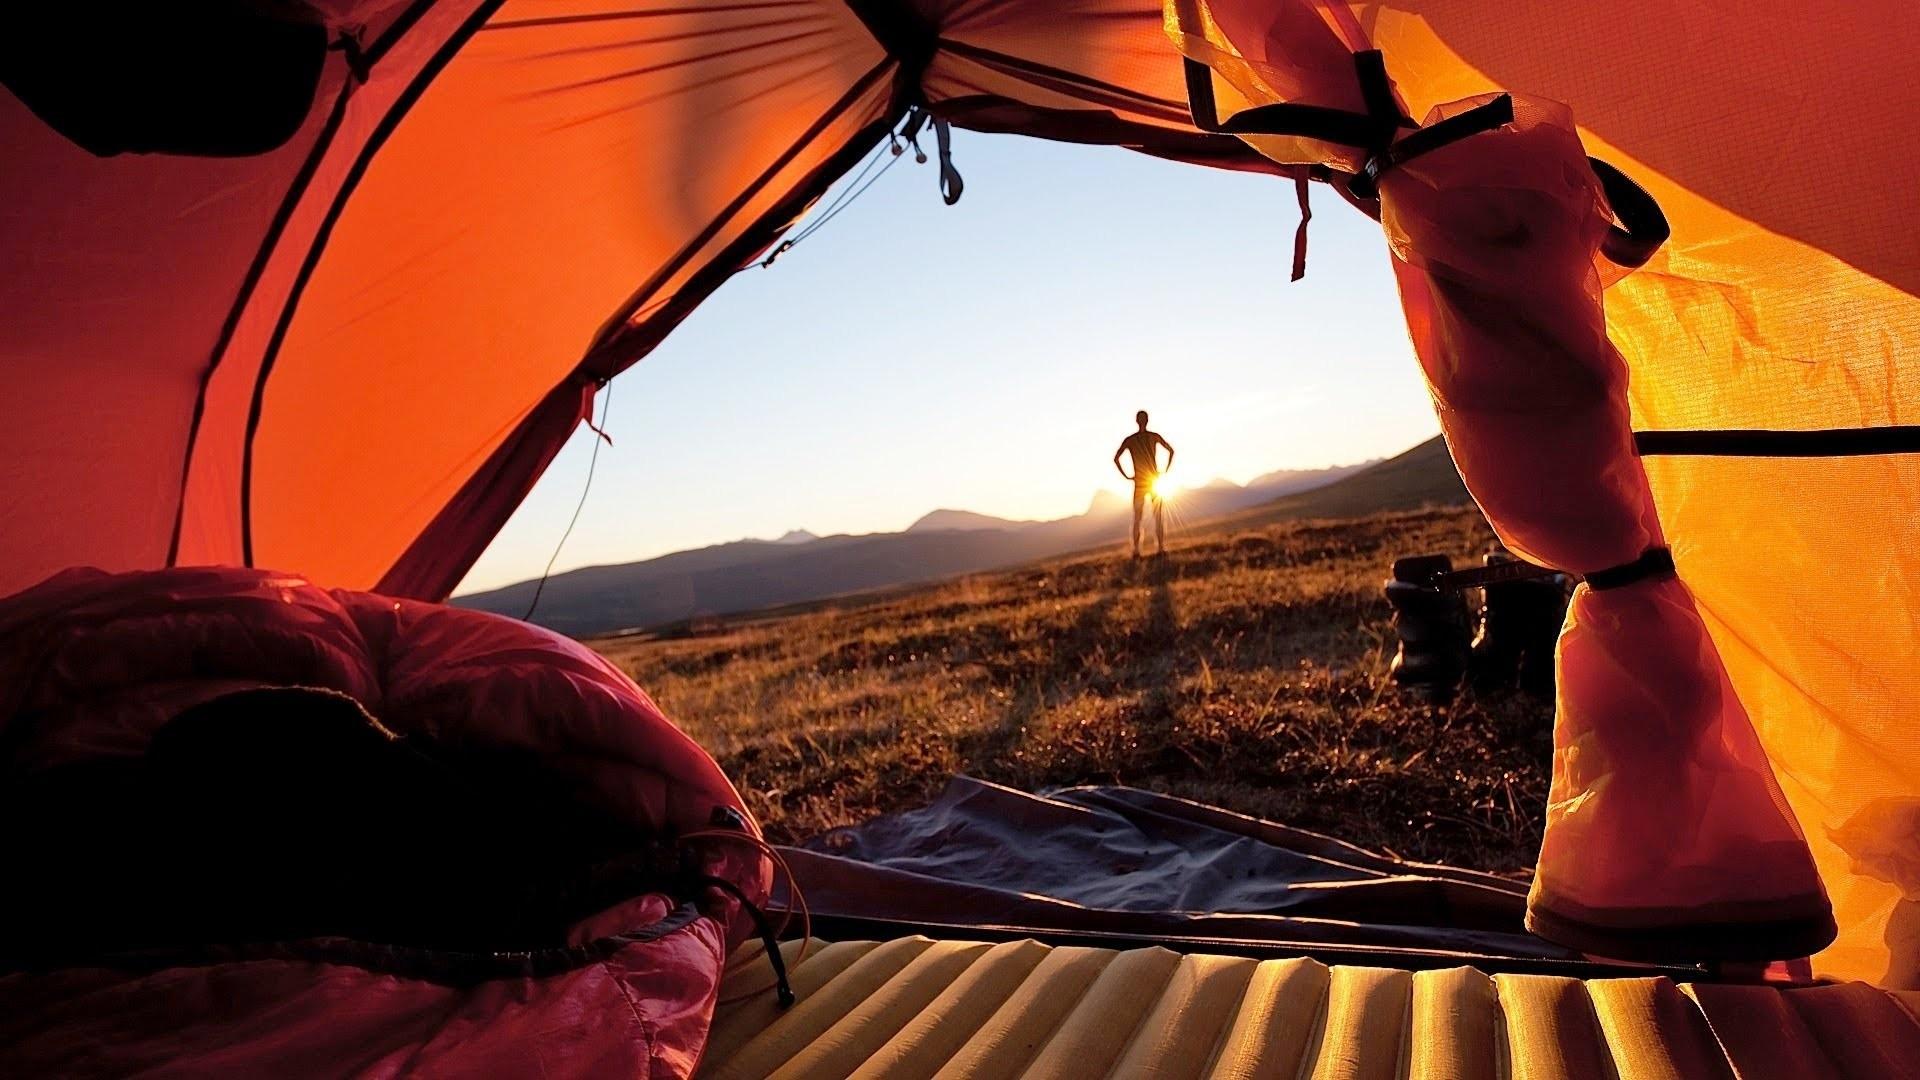 Camping wallpaper photo hd